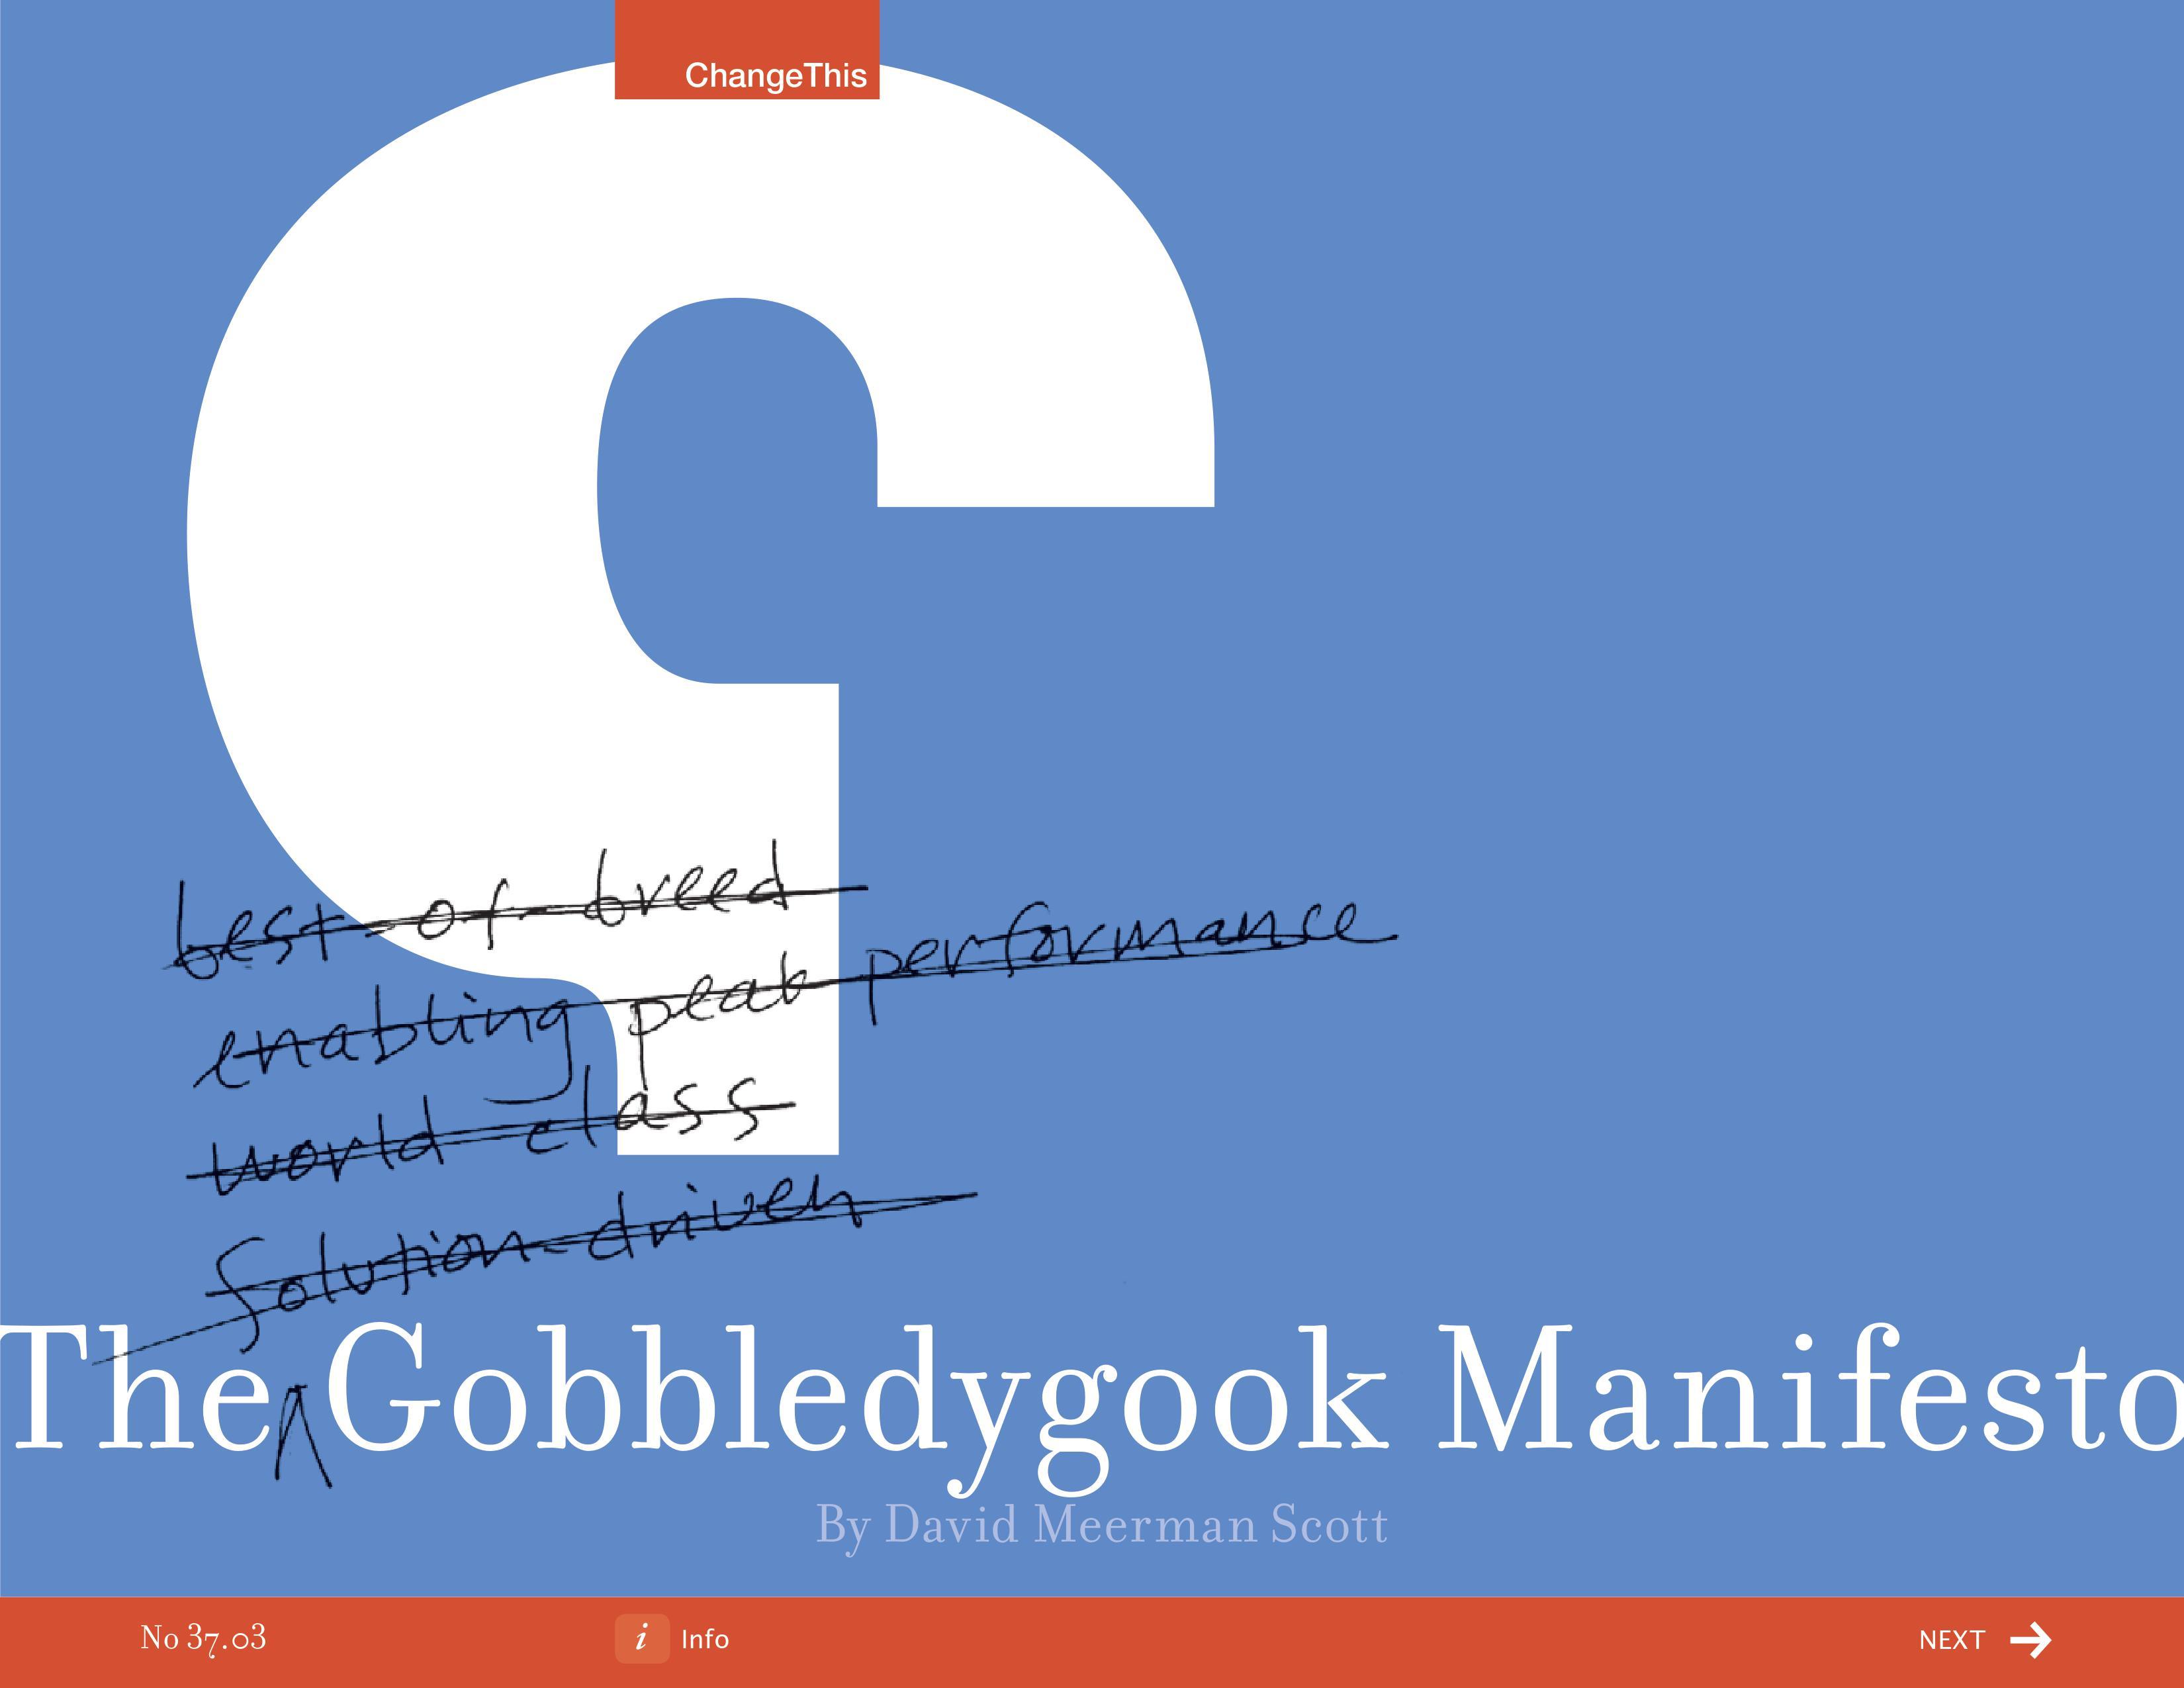 The Gobbledygook Manifesto